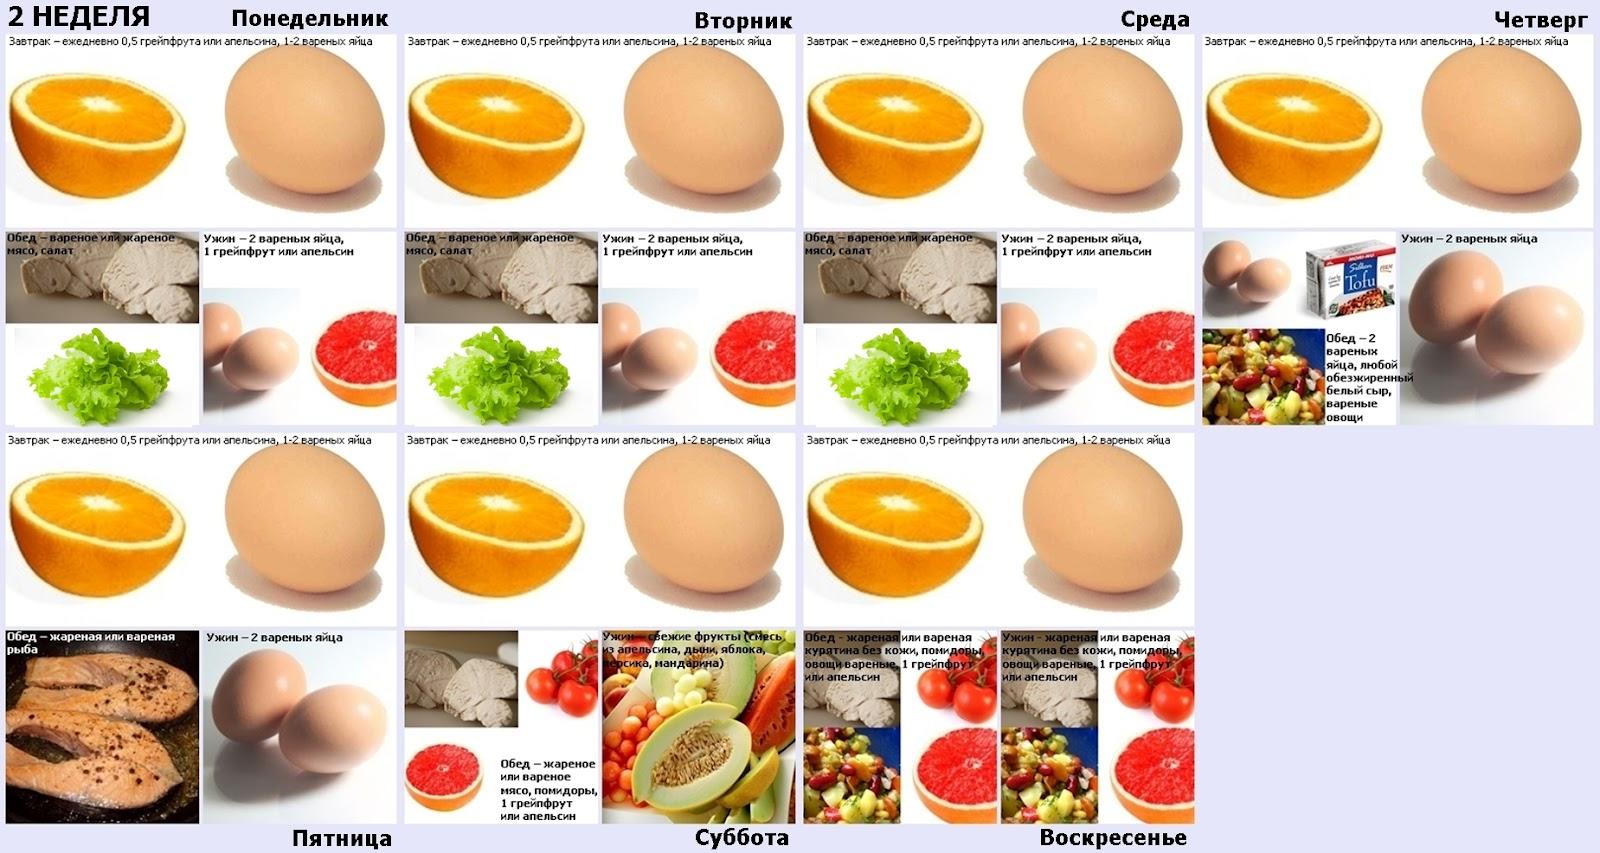 Набор низкокалорийных продуктов для диеты 1200 калорий в день.